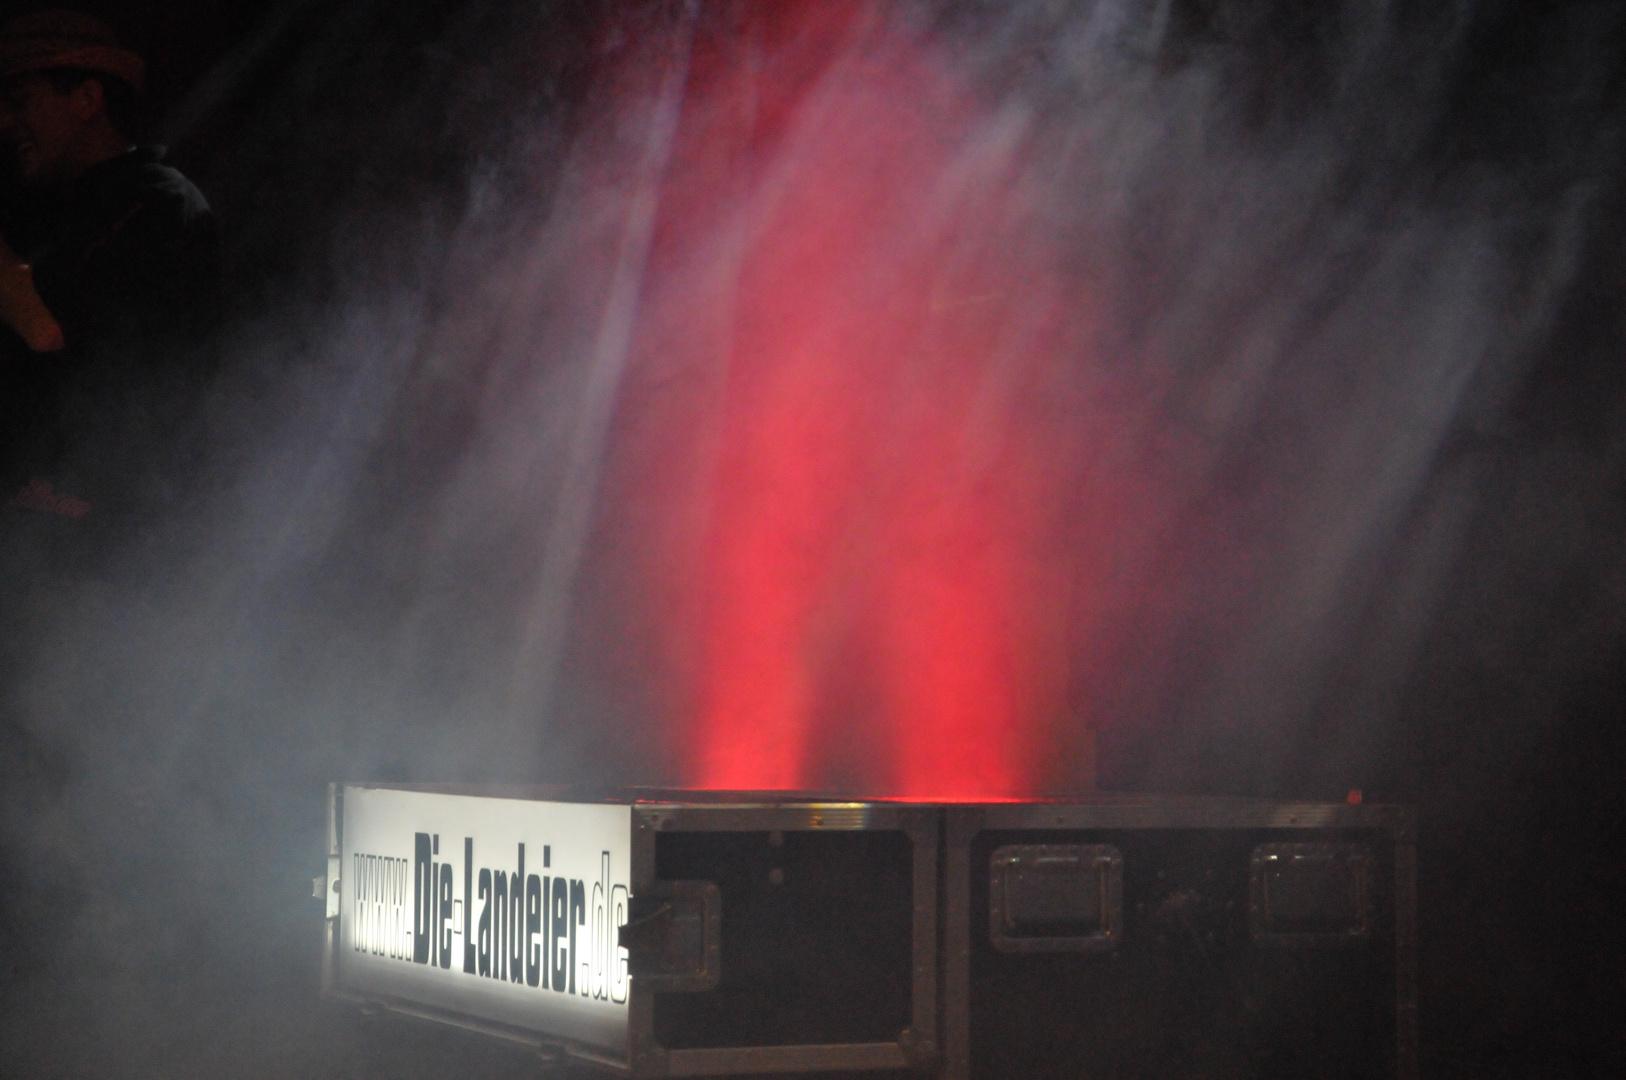 Bühnenshow (Die-Landeier)